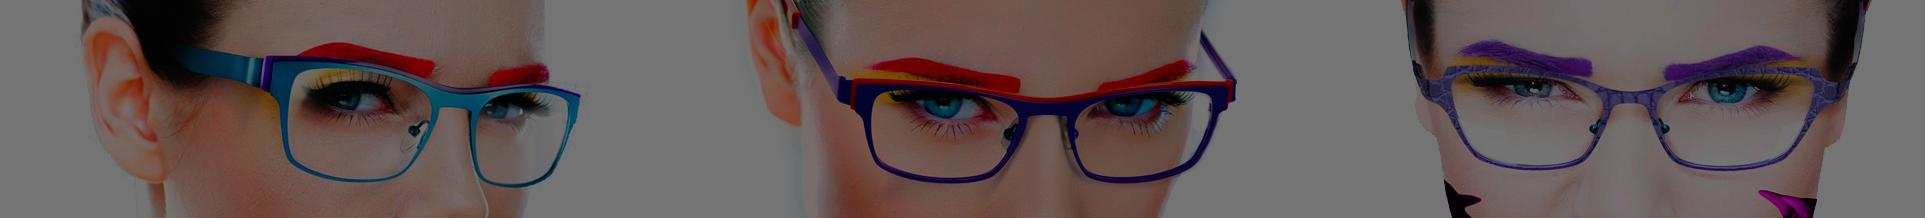 gafas-de-sol-y-graduadas-de-marca-en-dan-optica-fuengirola